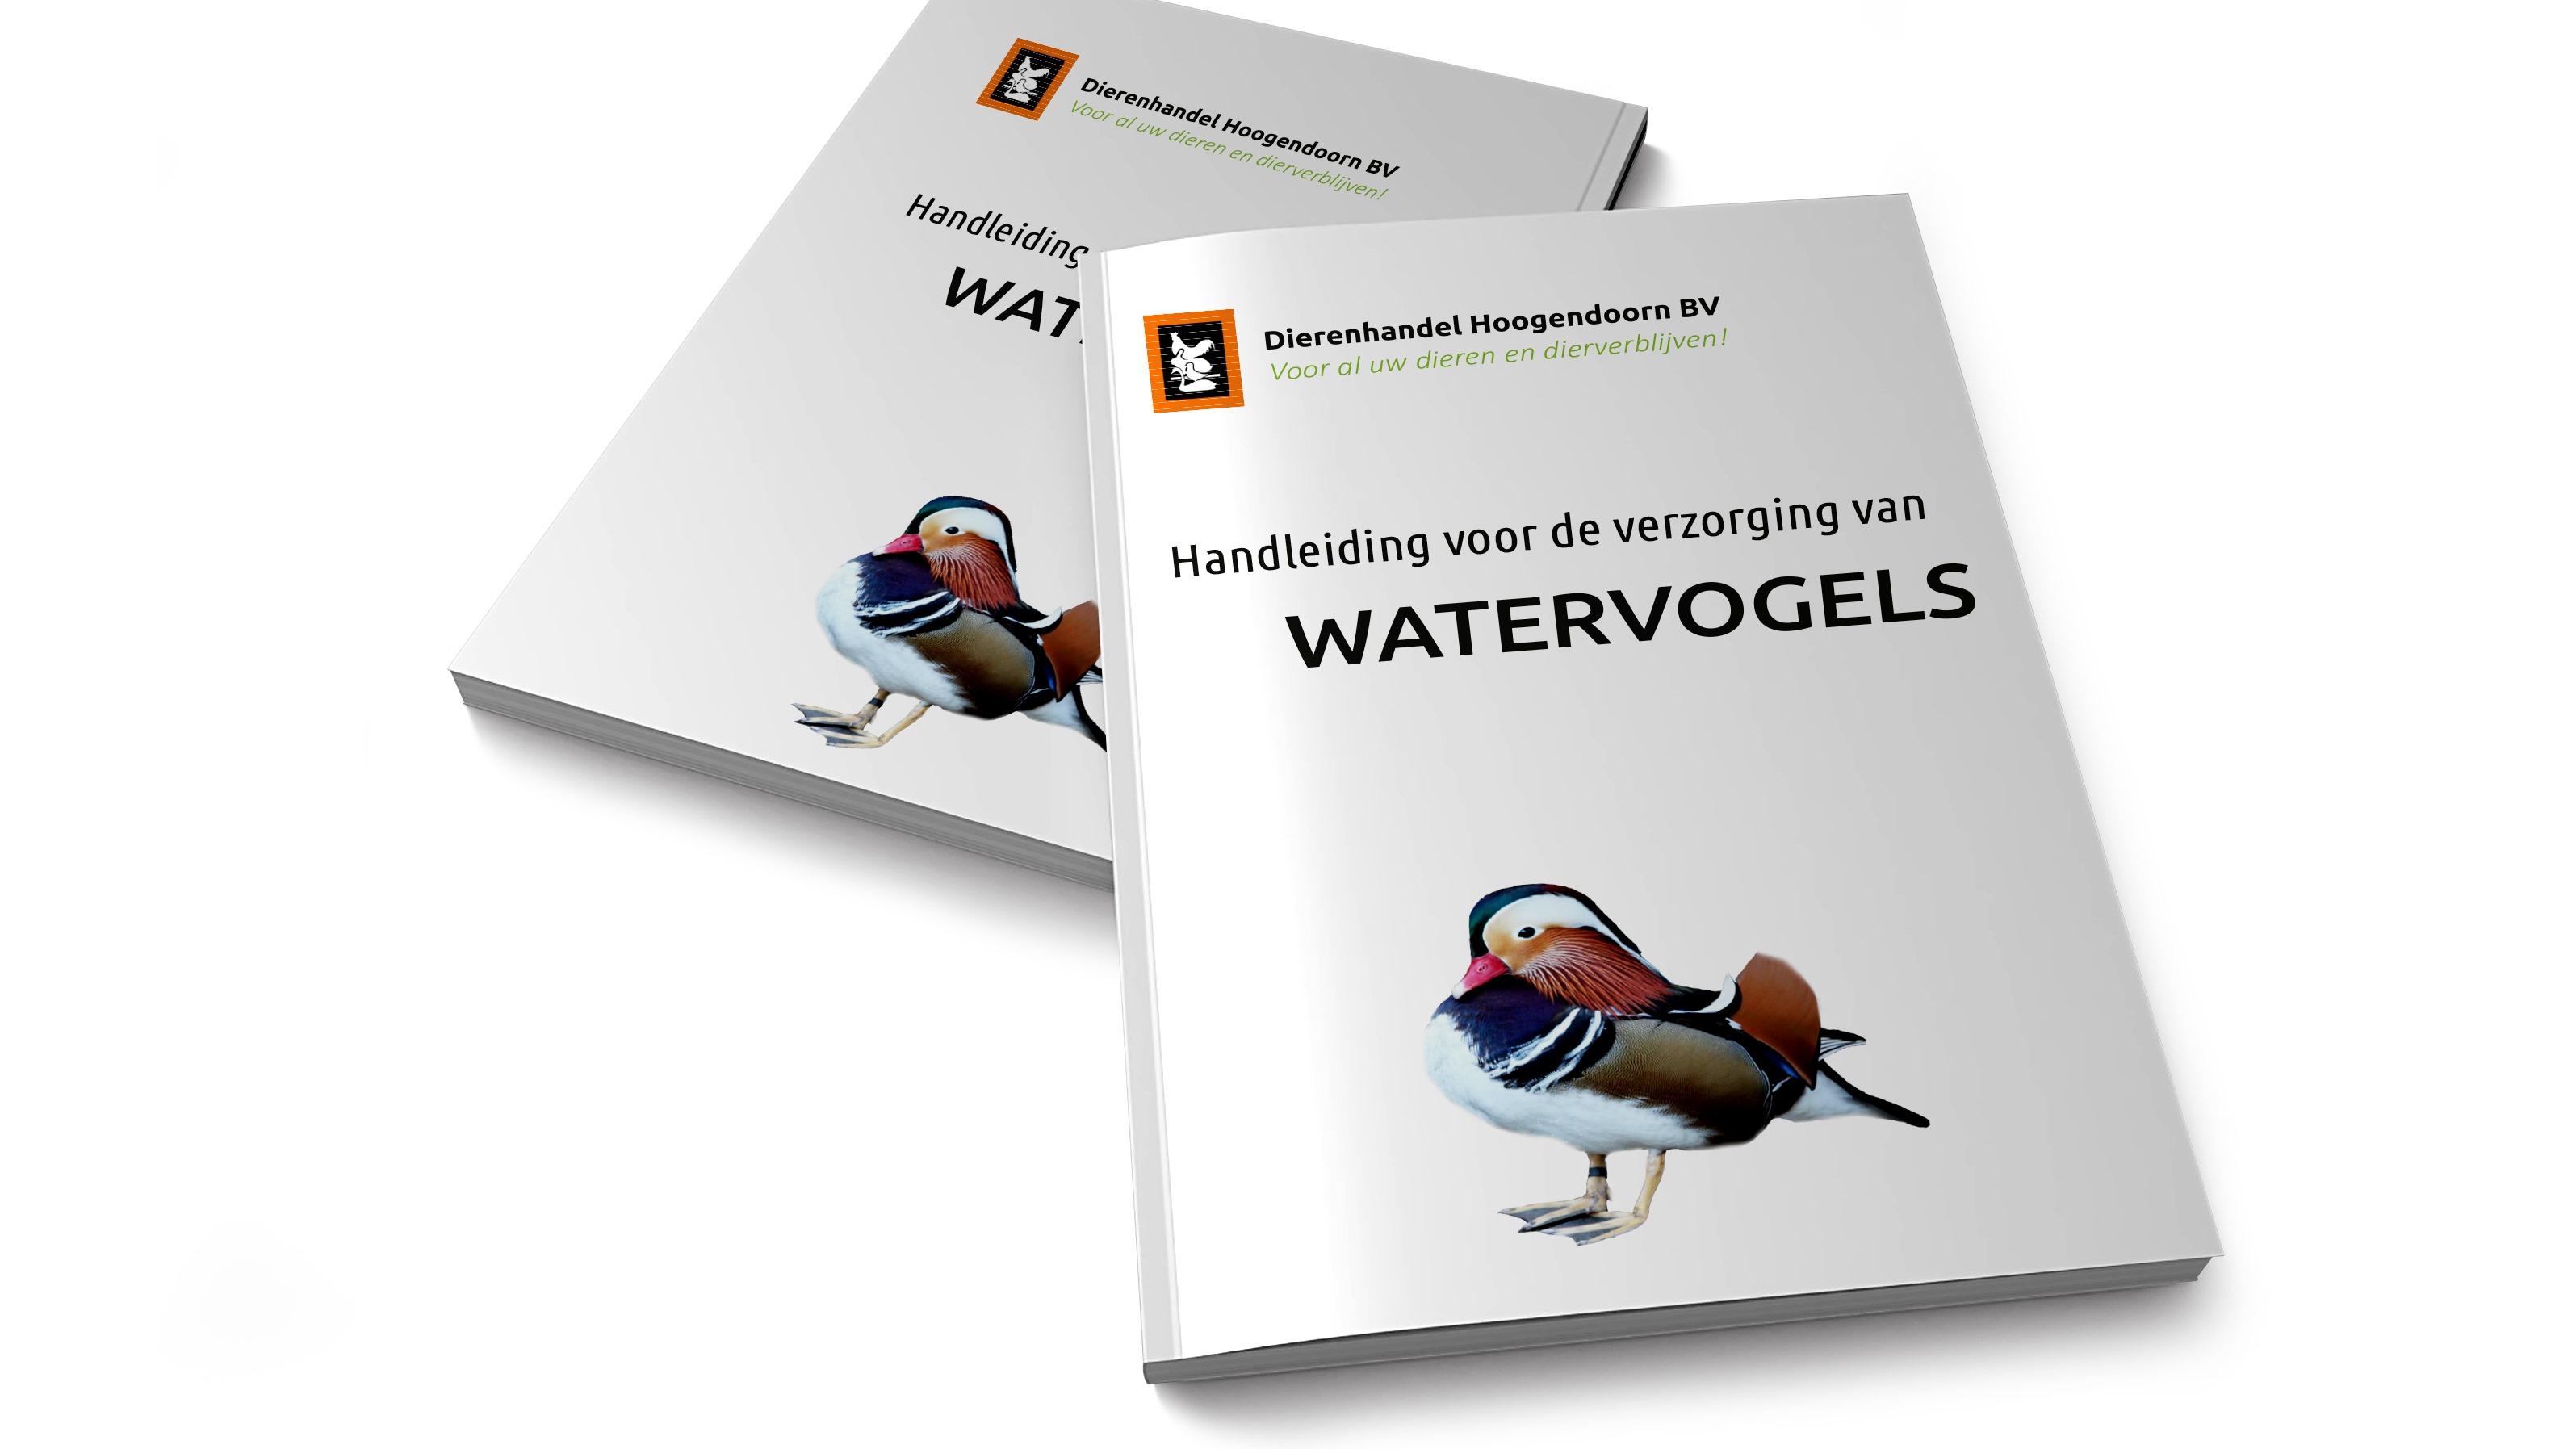 Watervogel handleiding